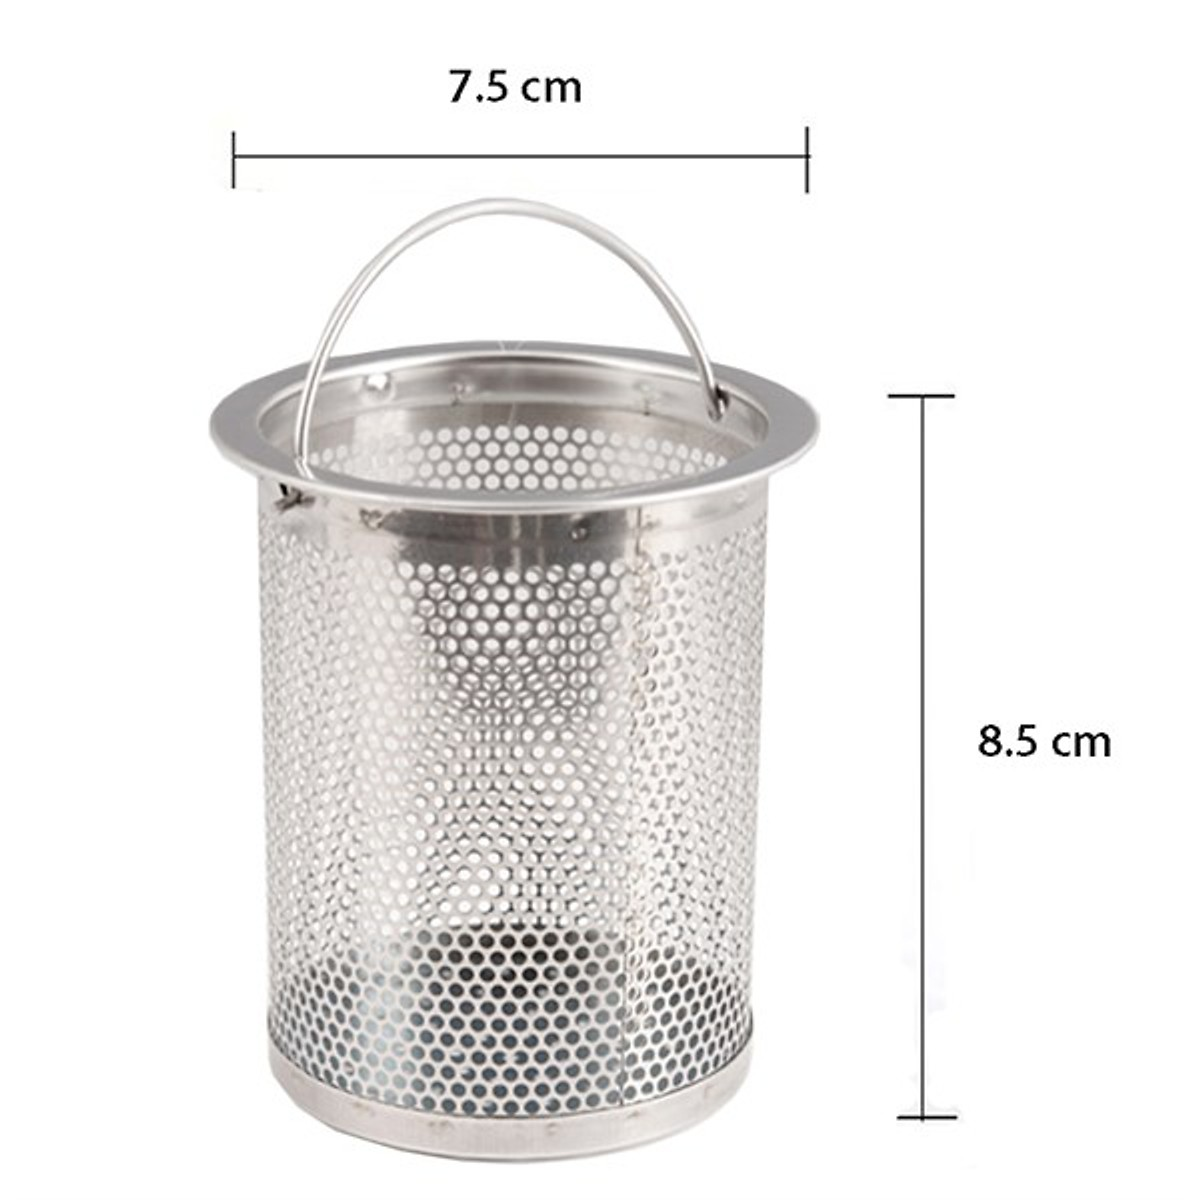 Bộ lọc rác bồn rửa chén inox dễ dàng thay thế cho gia đình